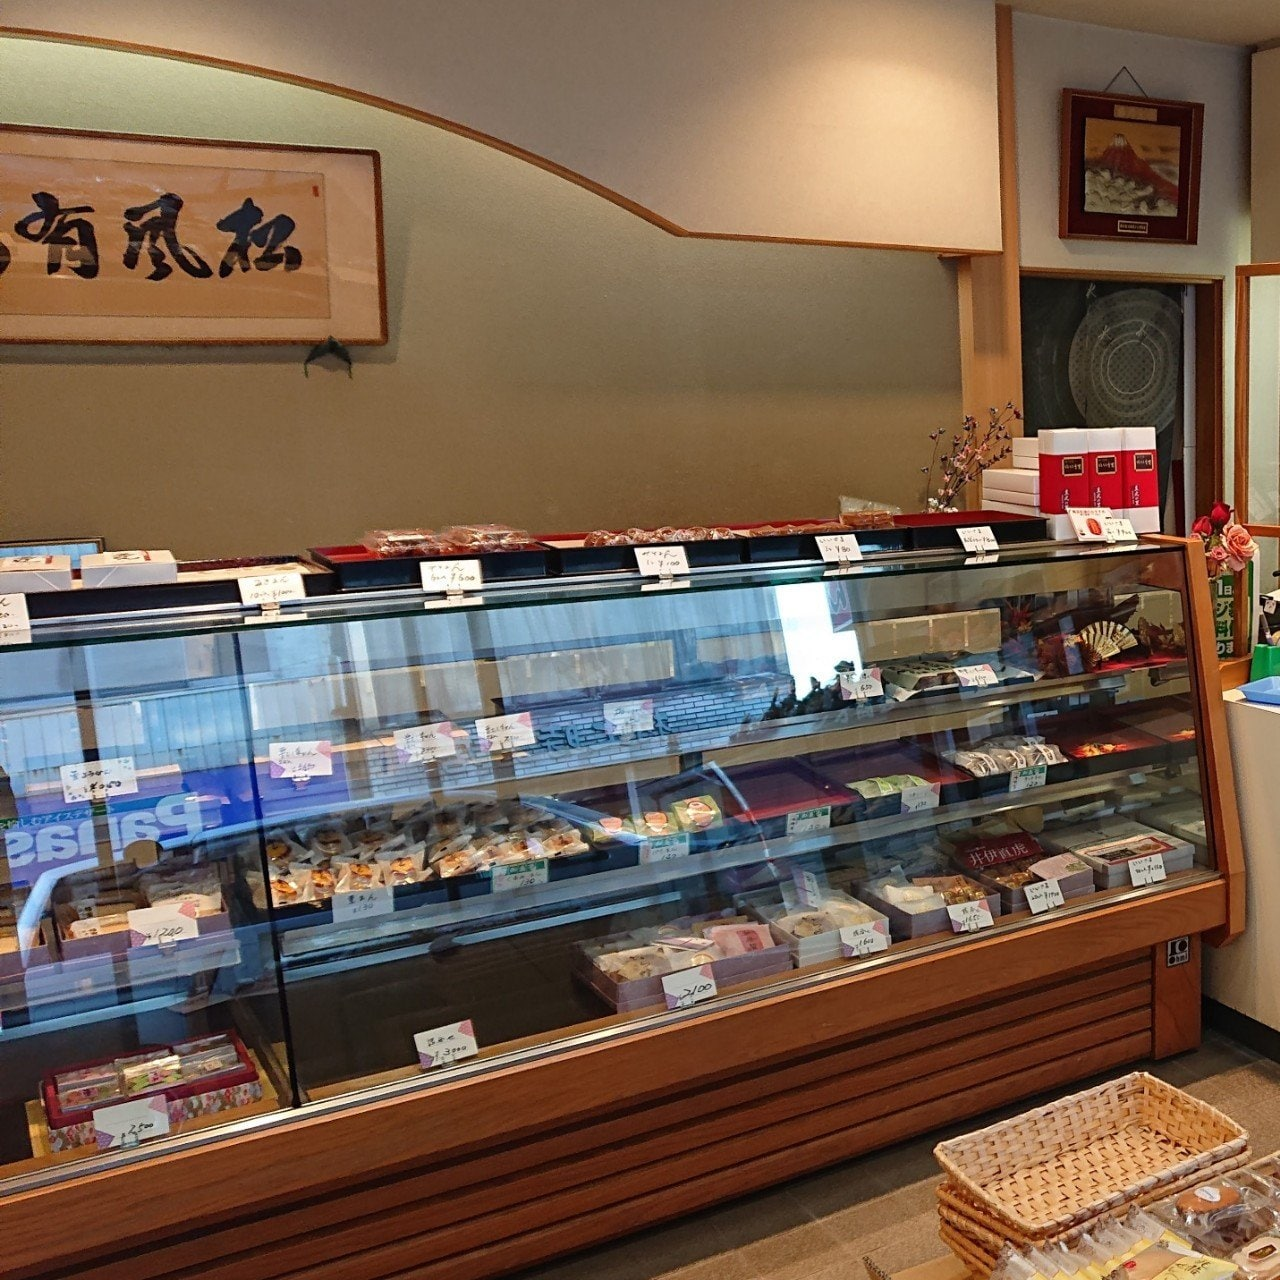 すぎや製菓(すぎやせいか)/✿みそまん・いいさまをはじめ和洋菓子の専門店です!/いなさマップ「37」のイメージその4